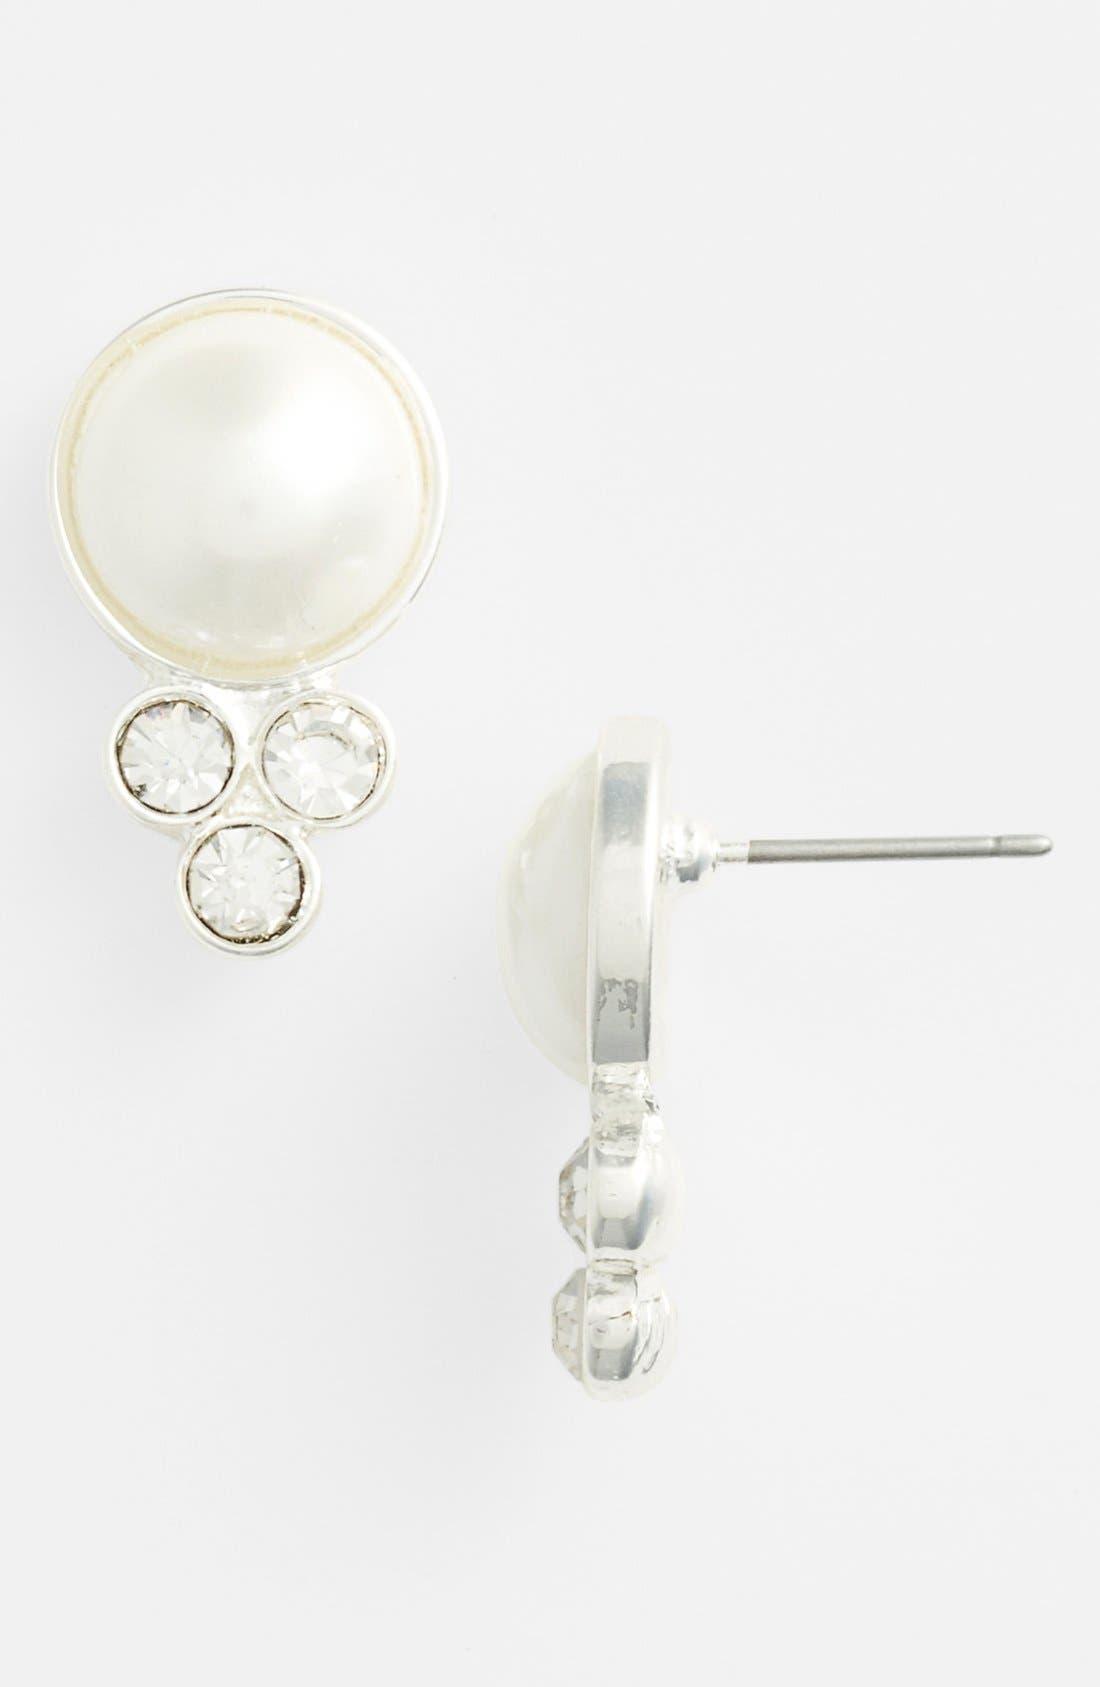 Alternate Image 1 Selected - Anne Klein Faux Pearl & Crystal Stud Earrings